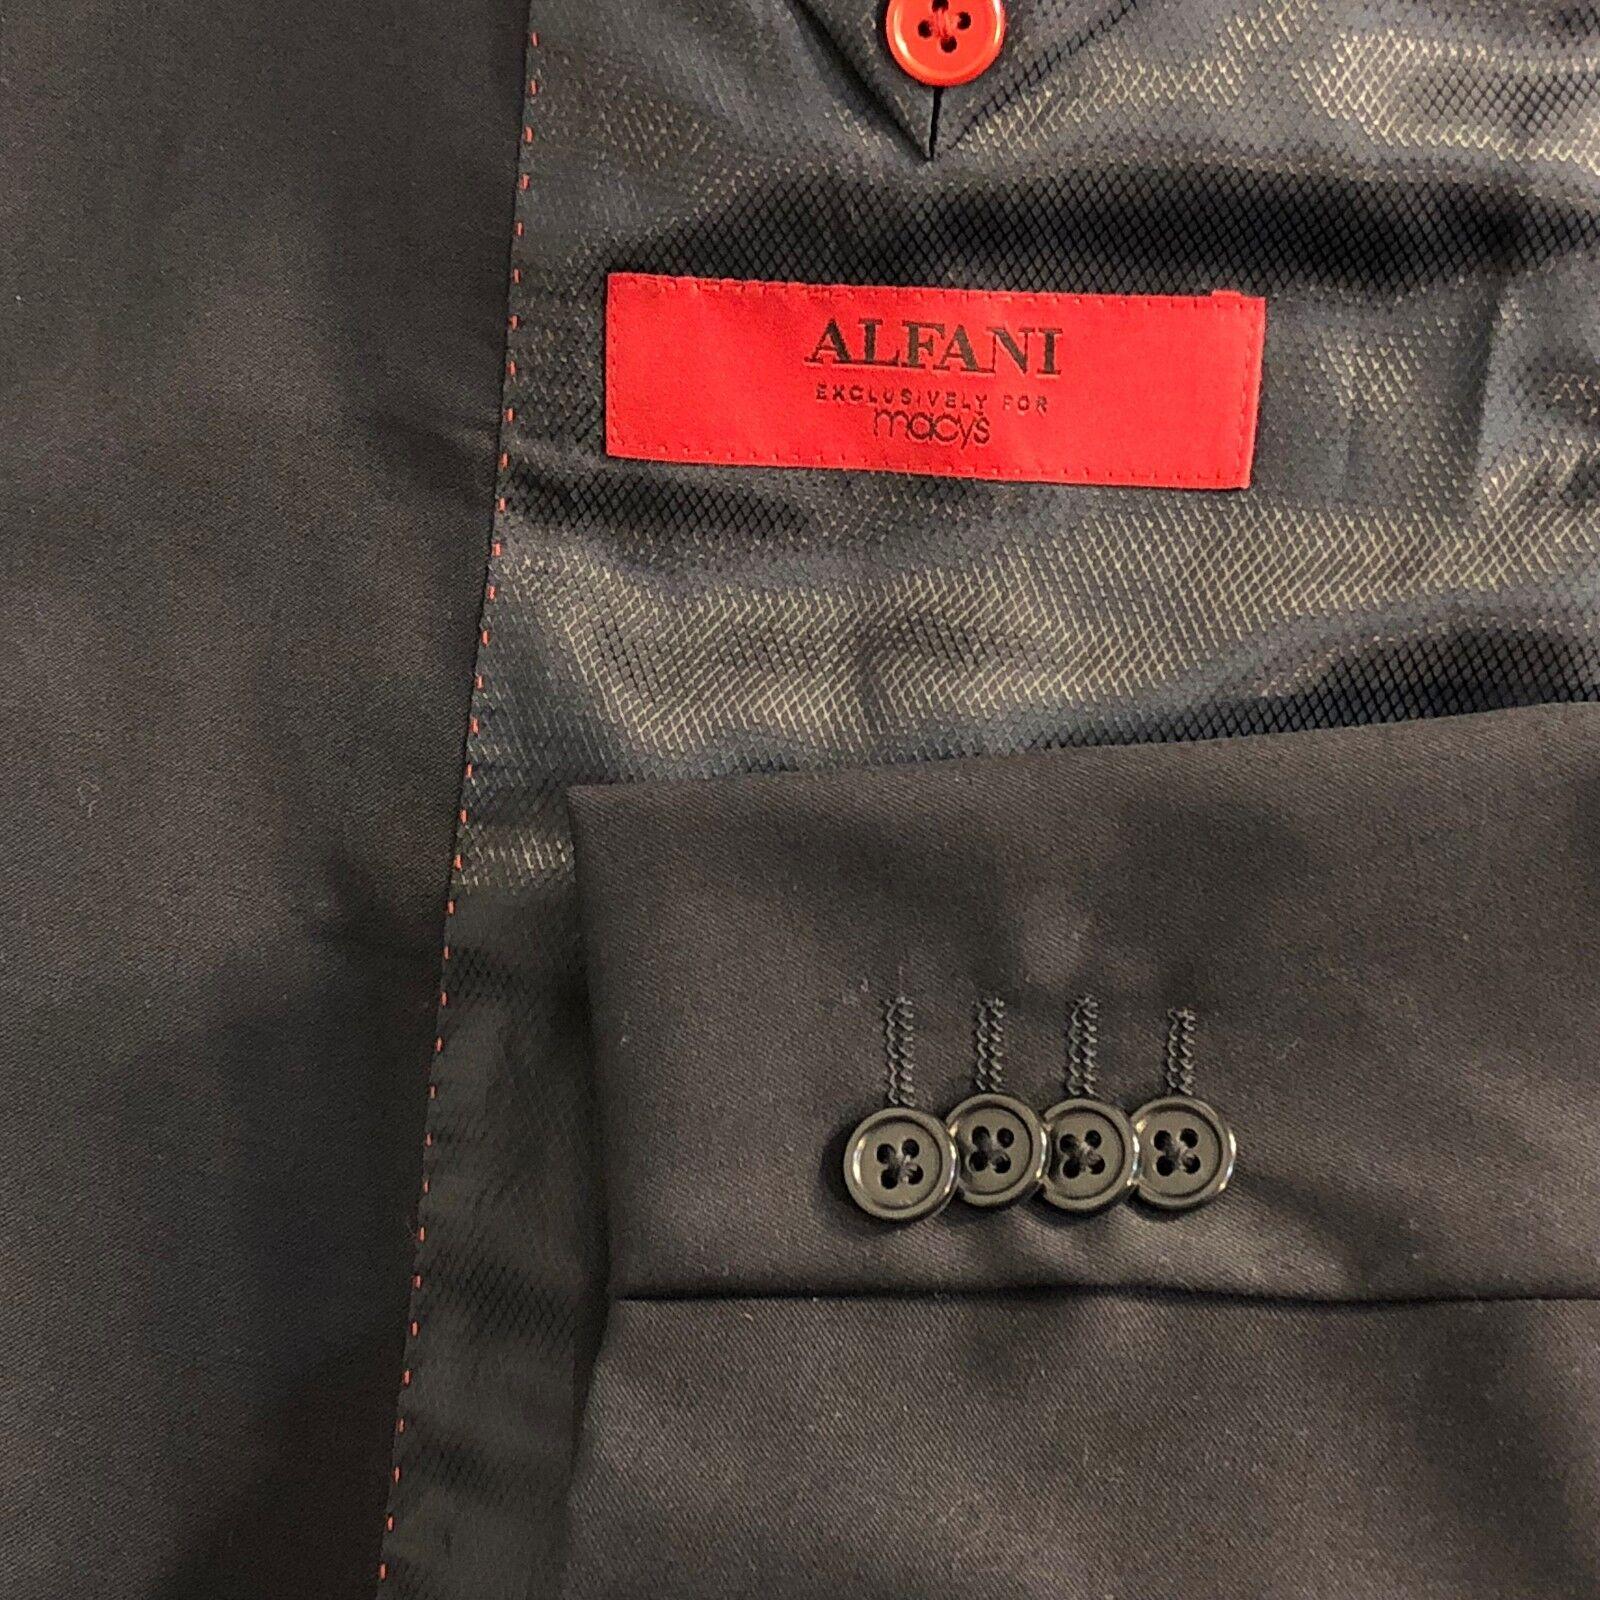 Alfani Red Label 2 piece navy bluee suit men size 40L 32x29  2B 2V